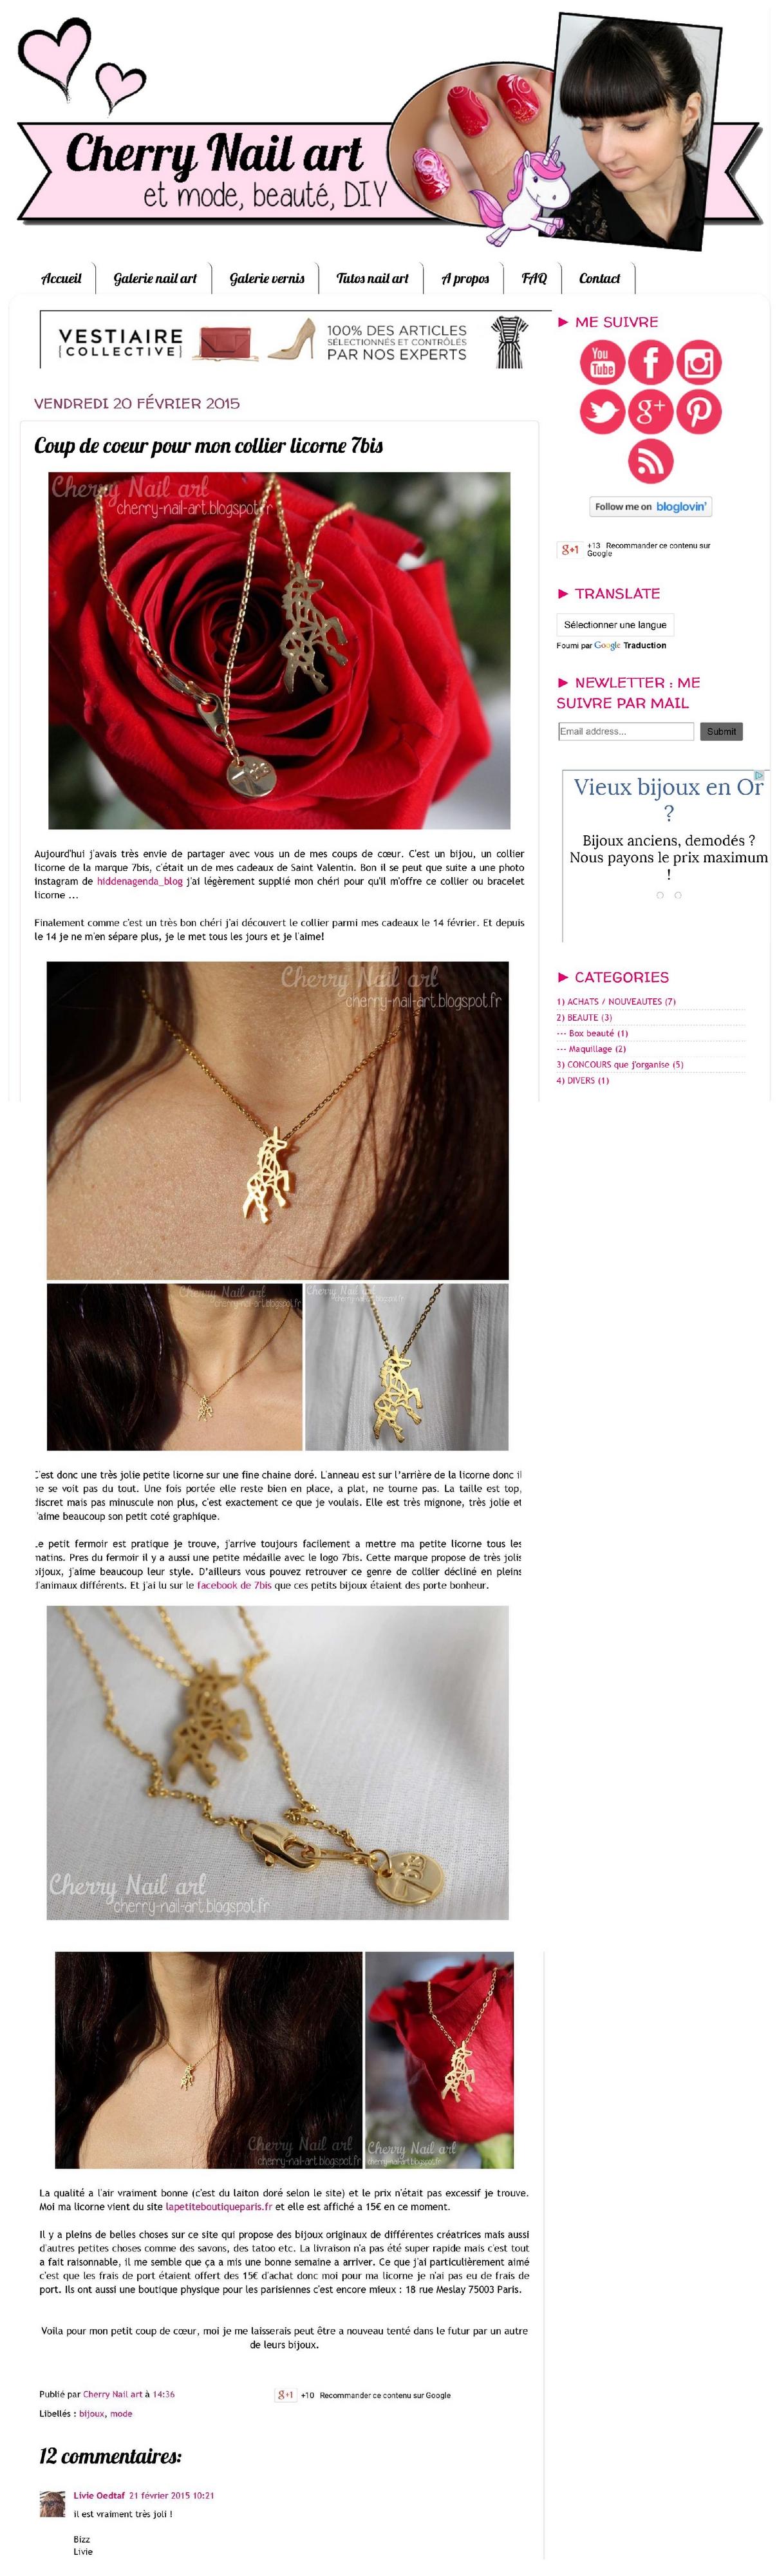 Cherry Nail art - le blog_ Coup de coeur pour mon collier licorne 7bis long